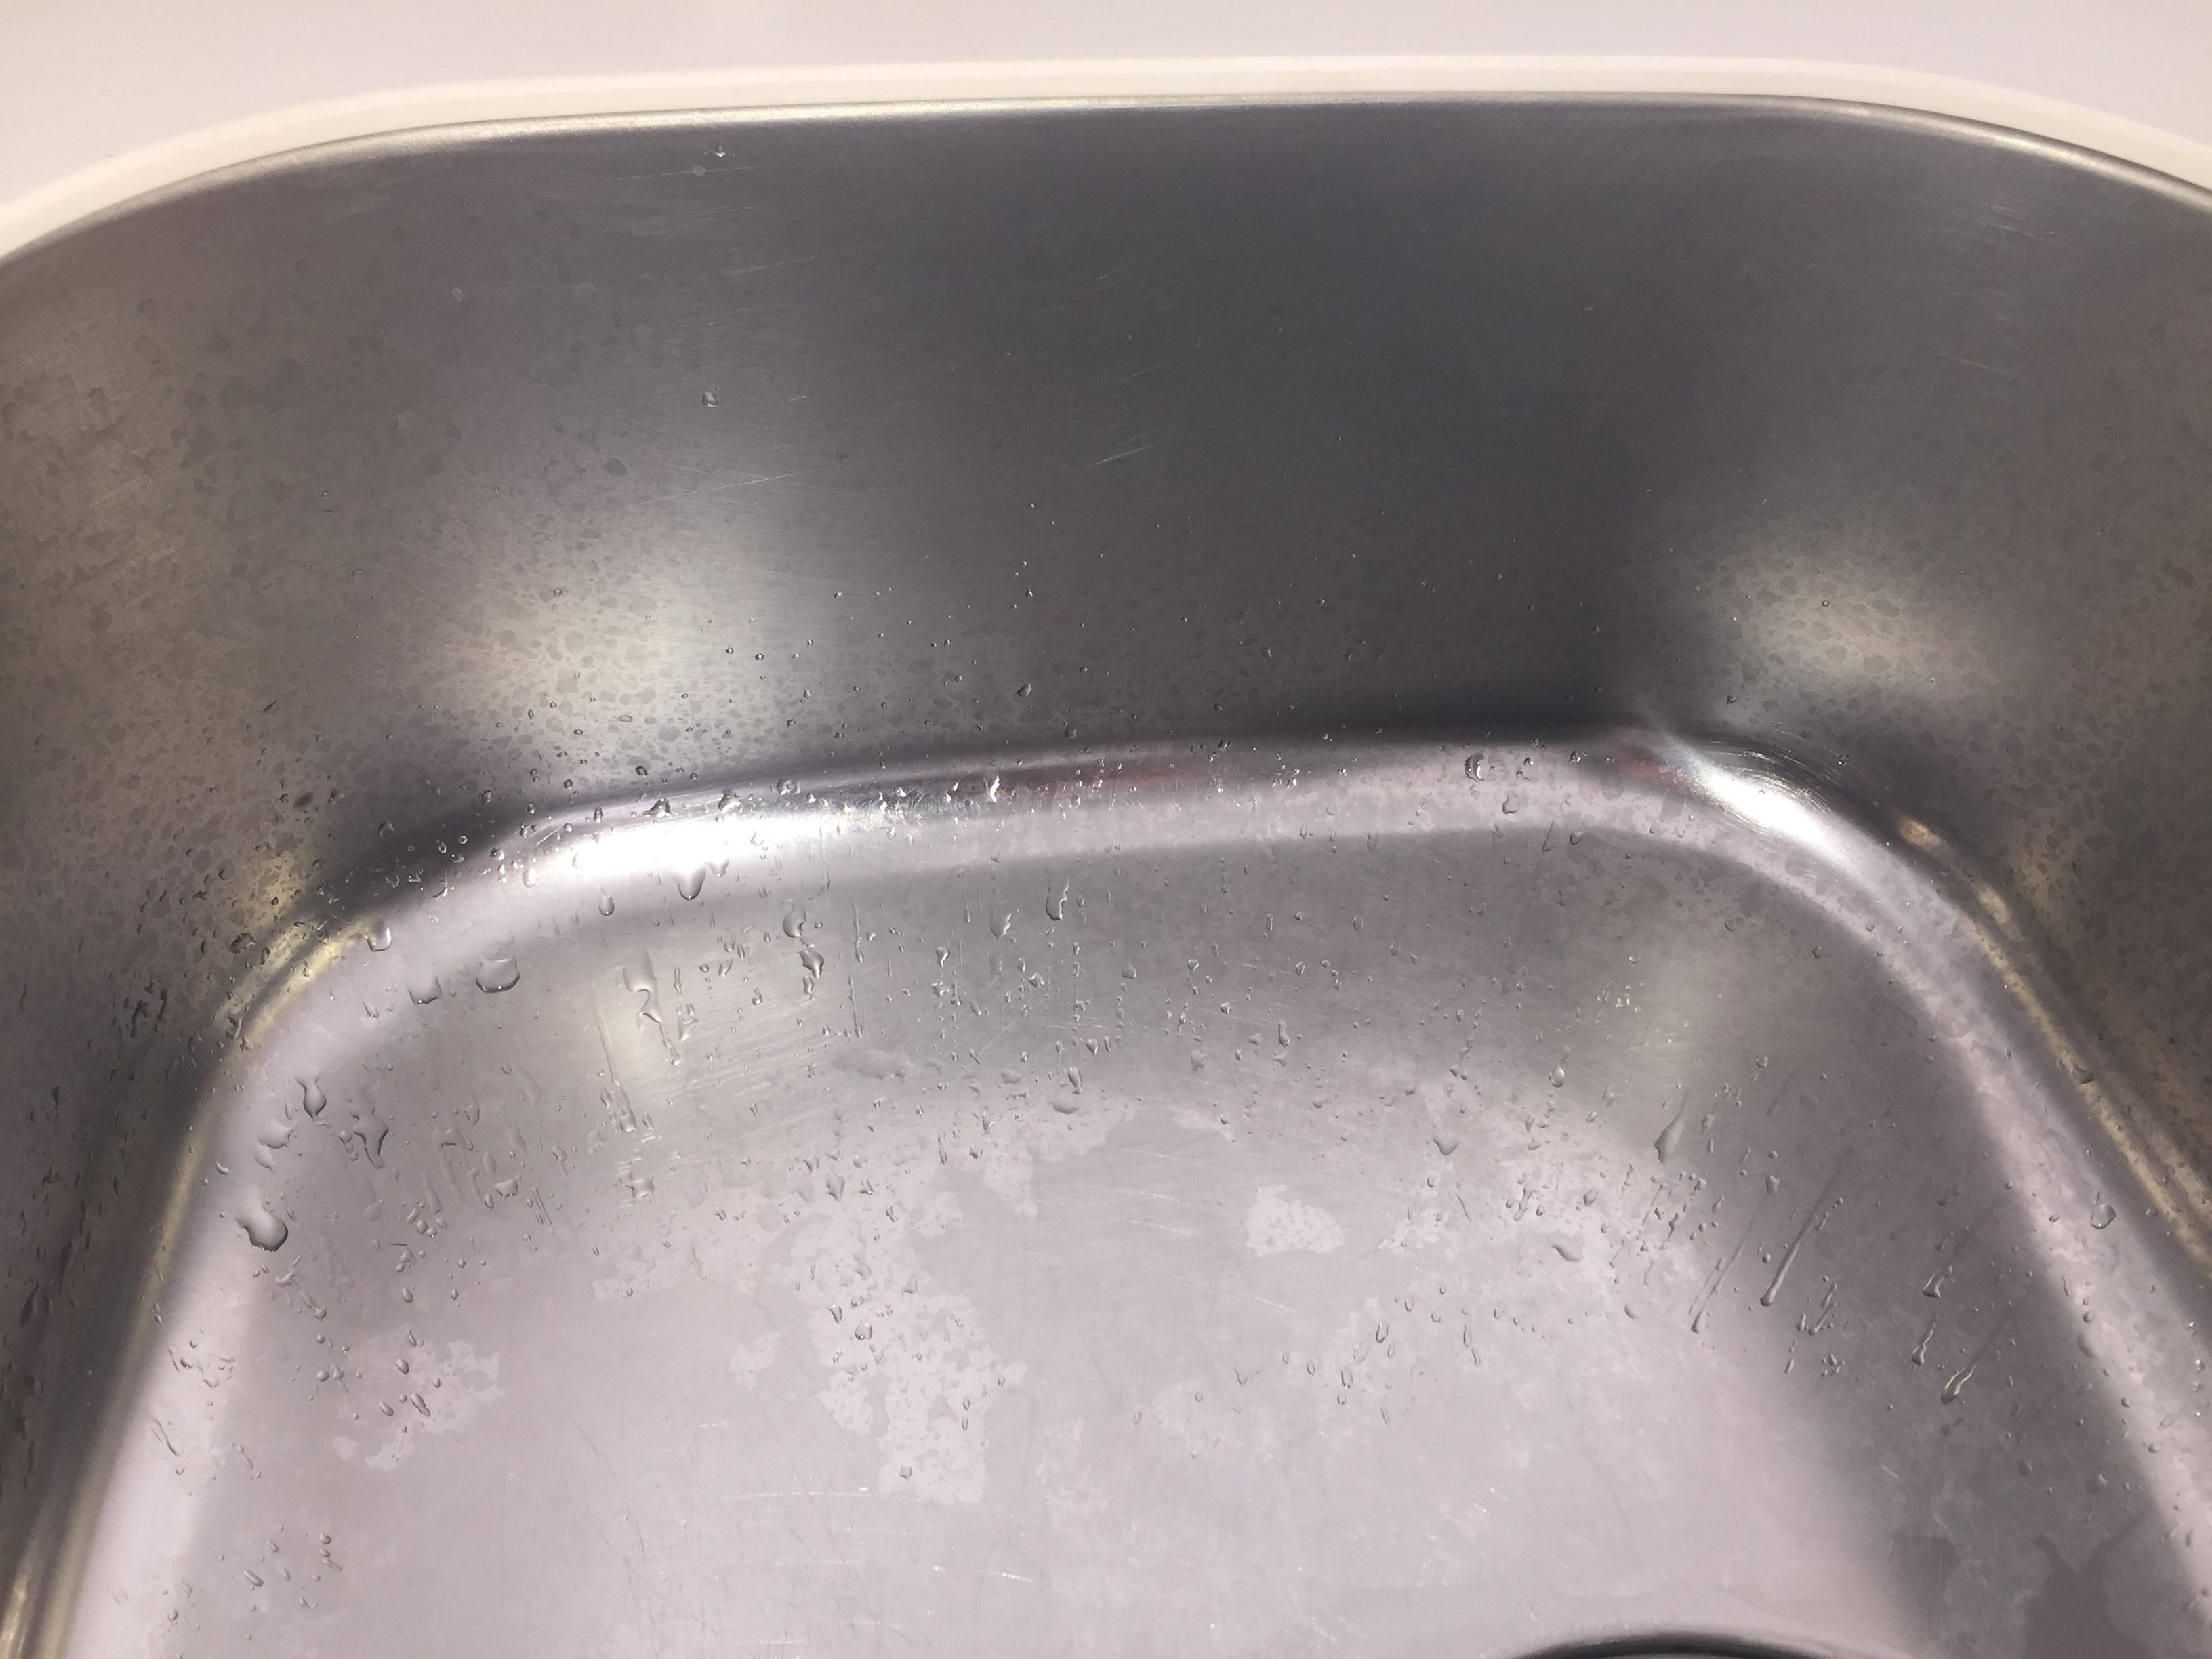 伊丹市・宝塚市・川西市~台所(水回り)シンク清掃・シンクの水アカを丁寧にクリーニングします。ハウスクリーニングで綺麗な台所!お見積、出張料無料!